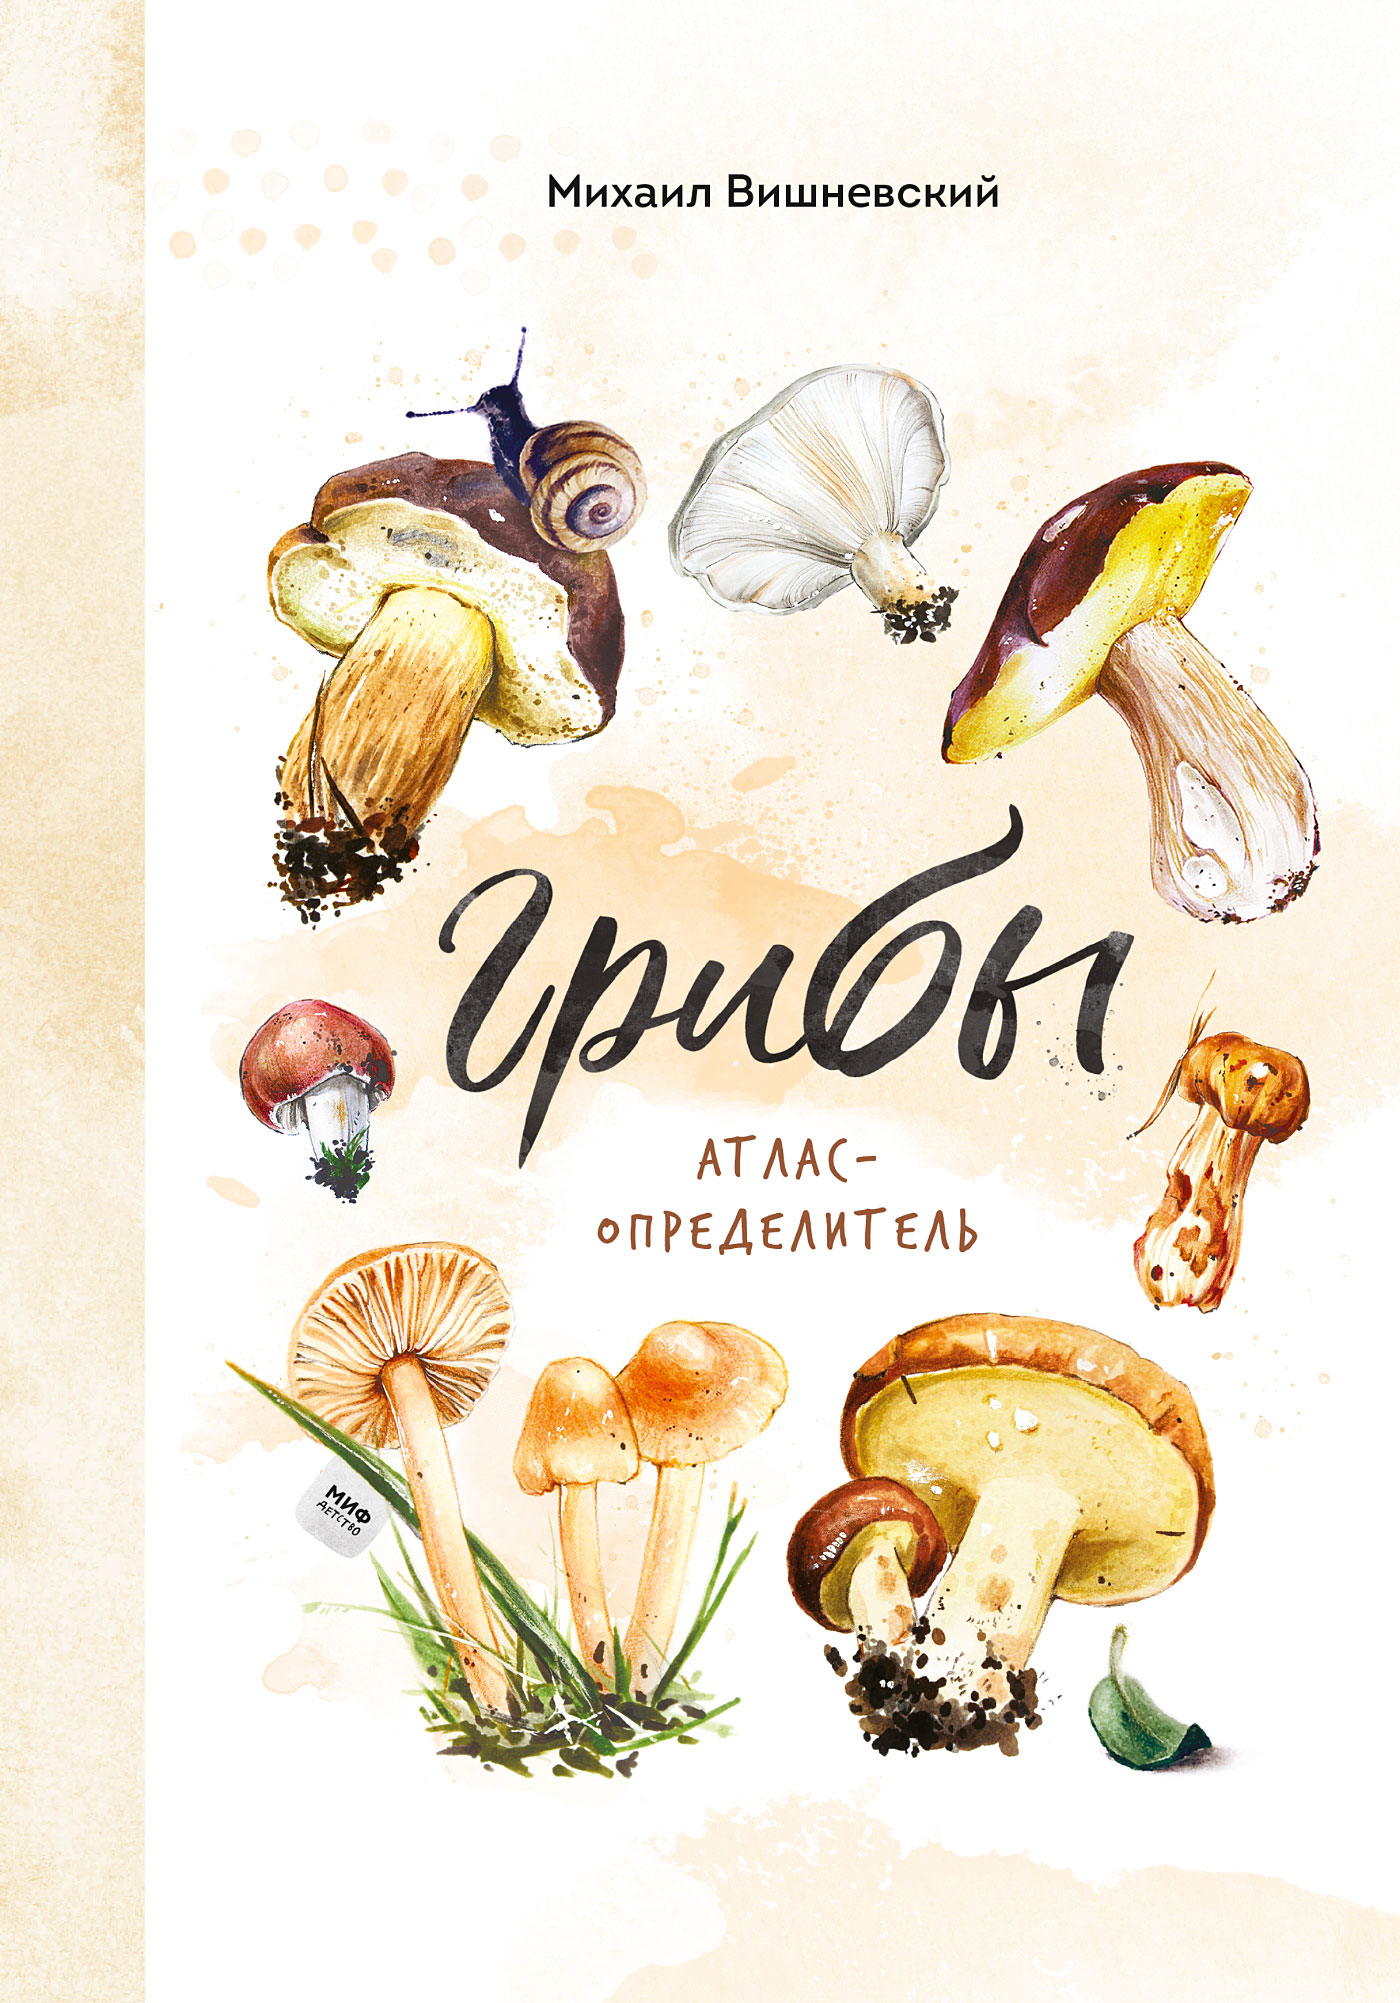 атлас грибов с картинками руководство клуба все